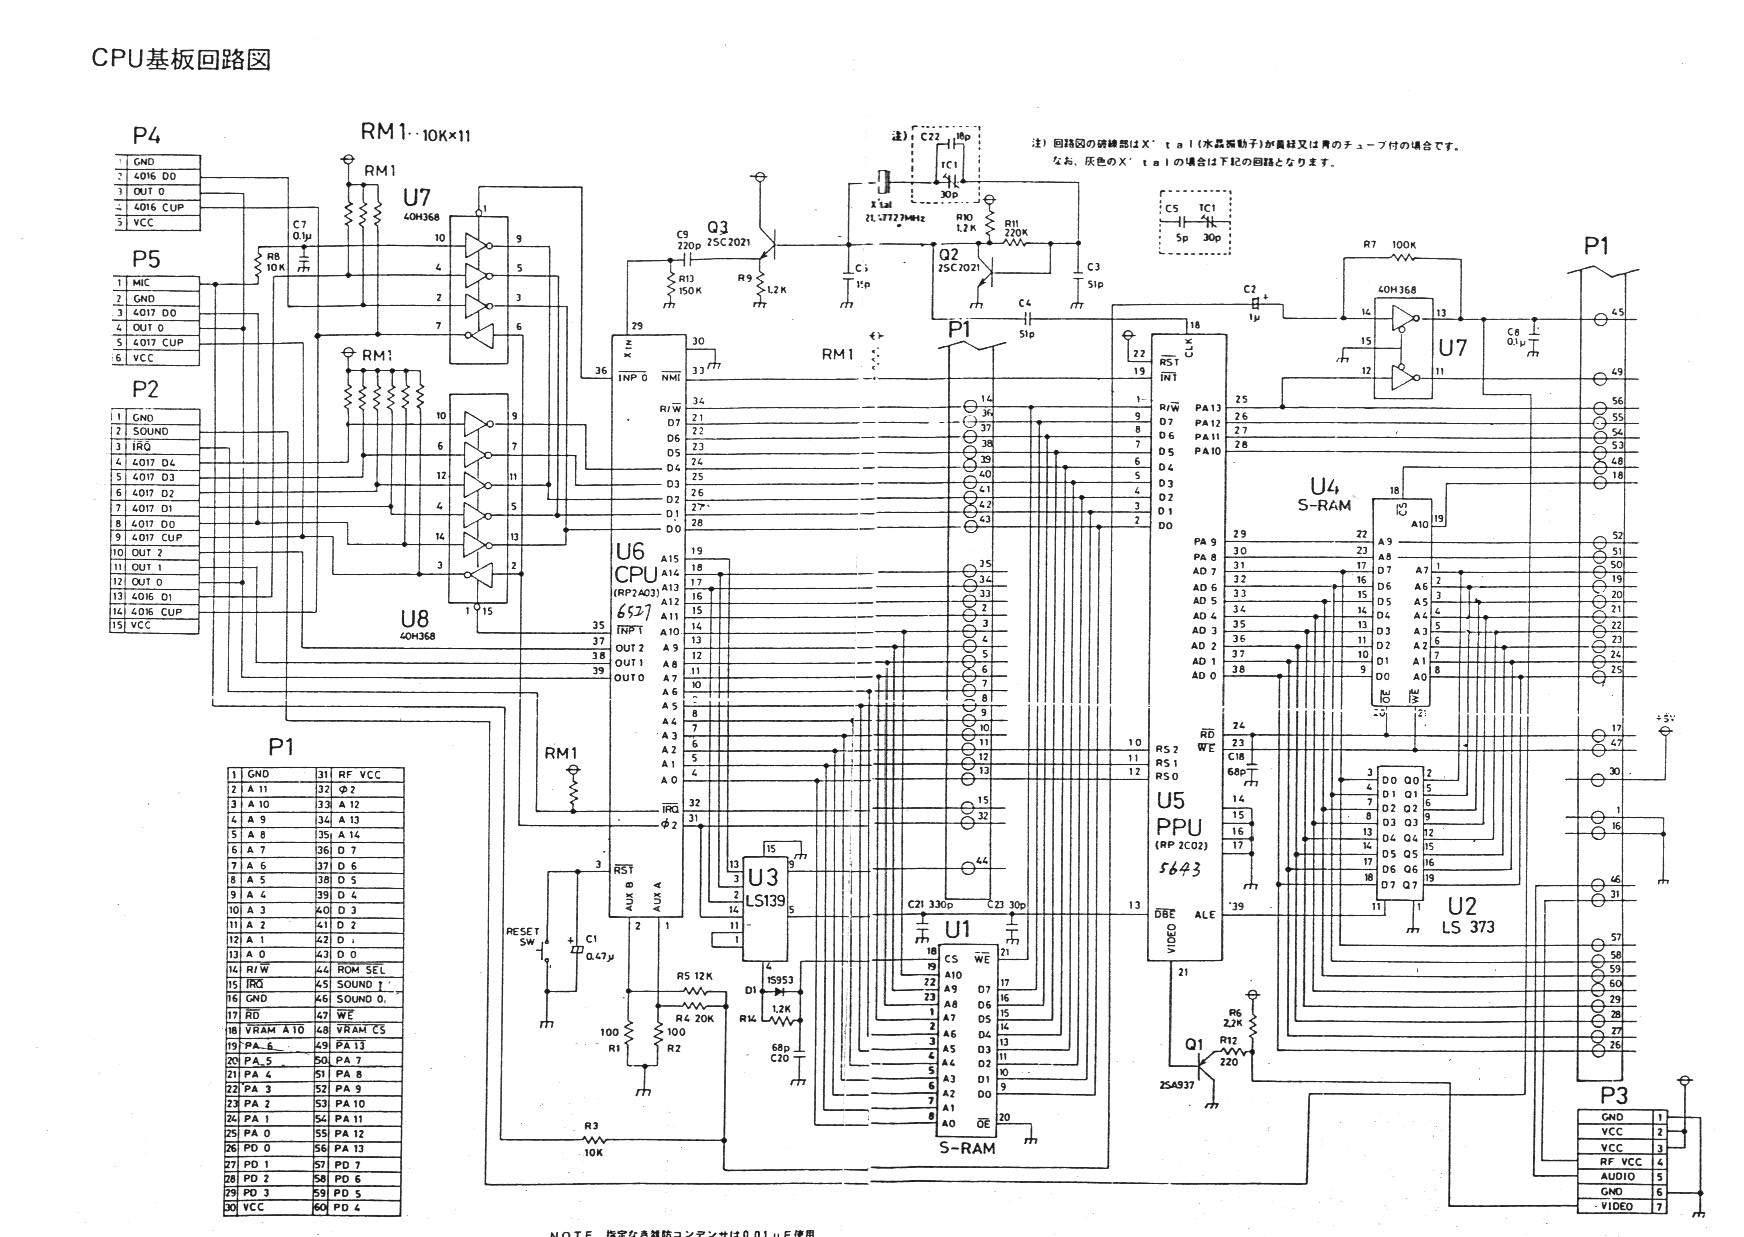 [Kupi�]Sk�d wyczarowa� taki kwarc 26.601712 MHz?